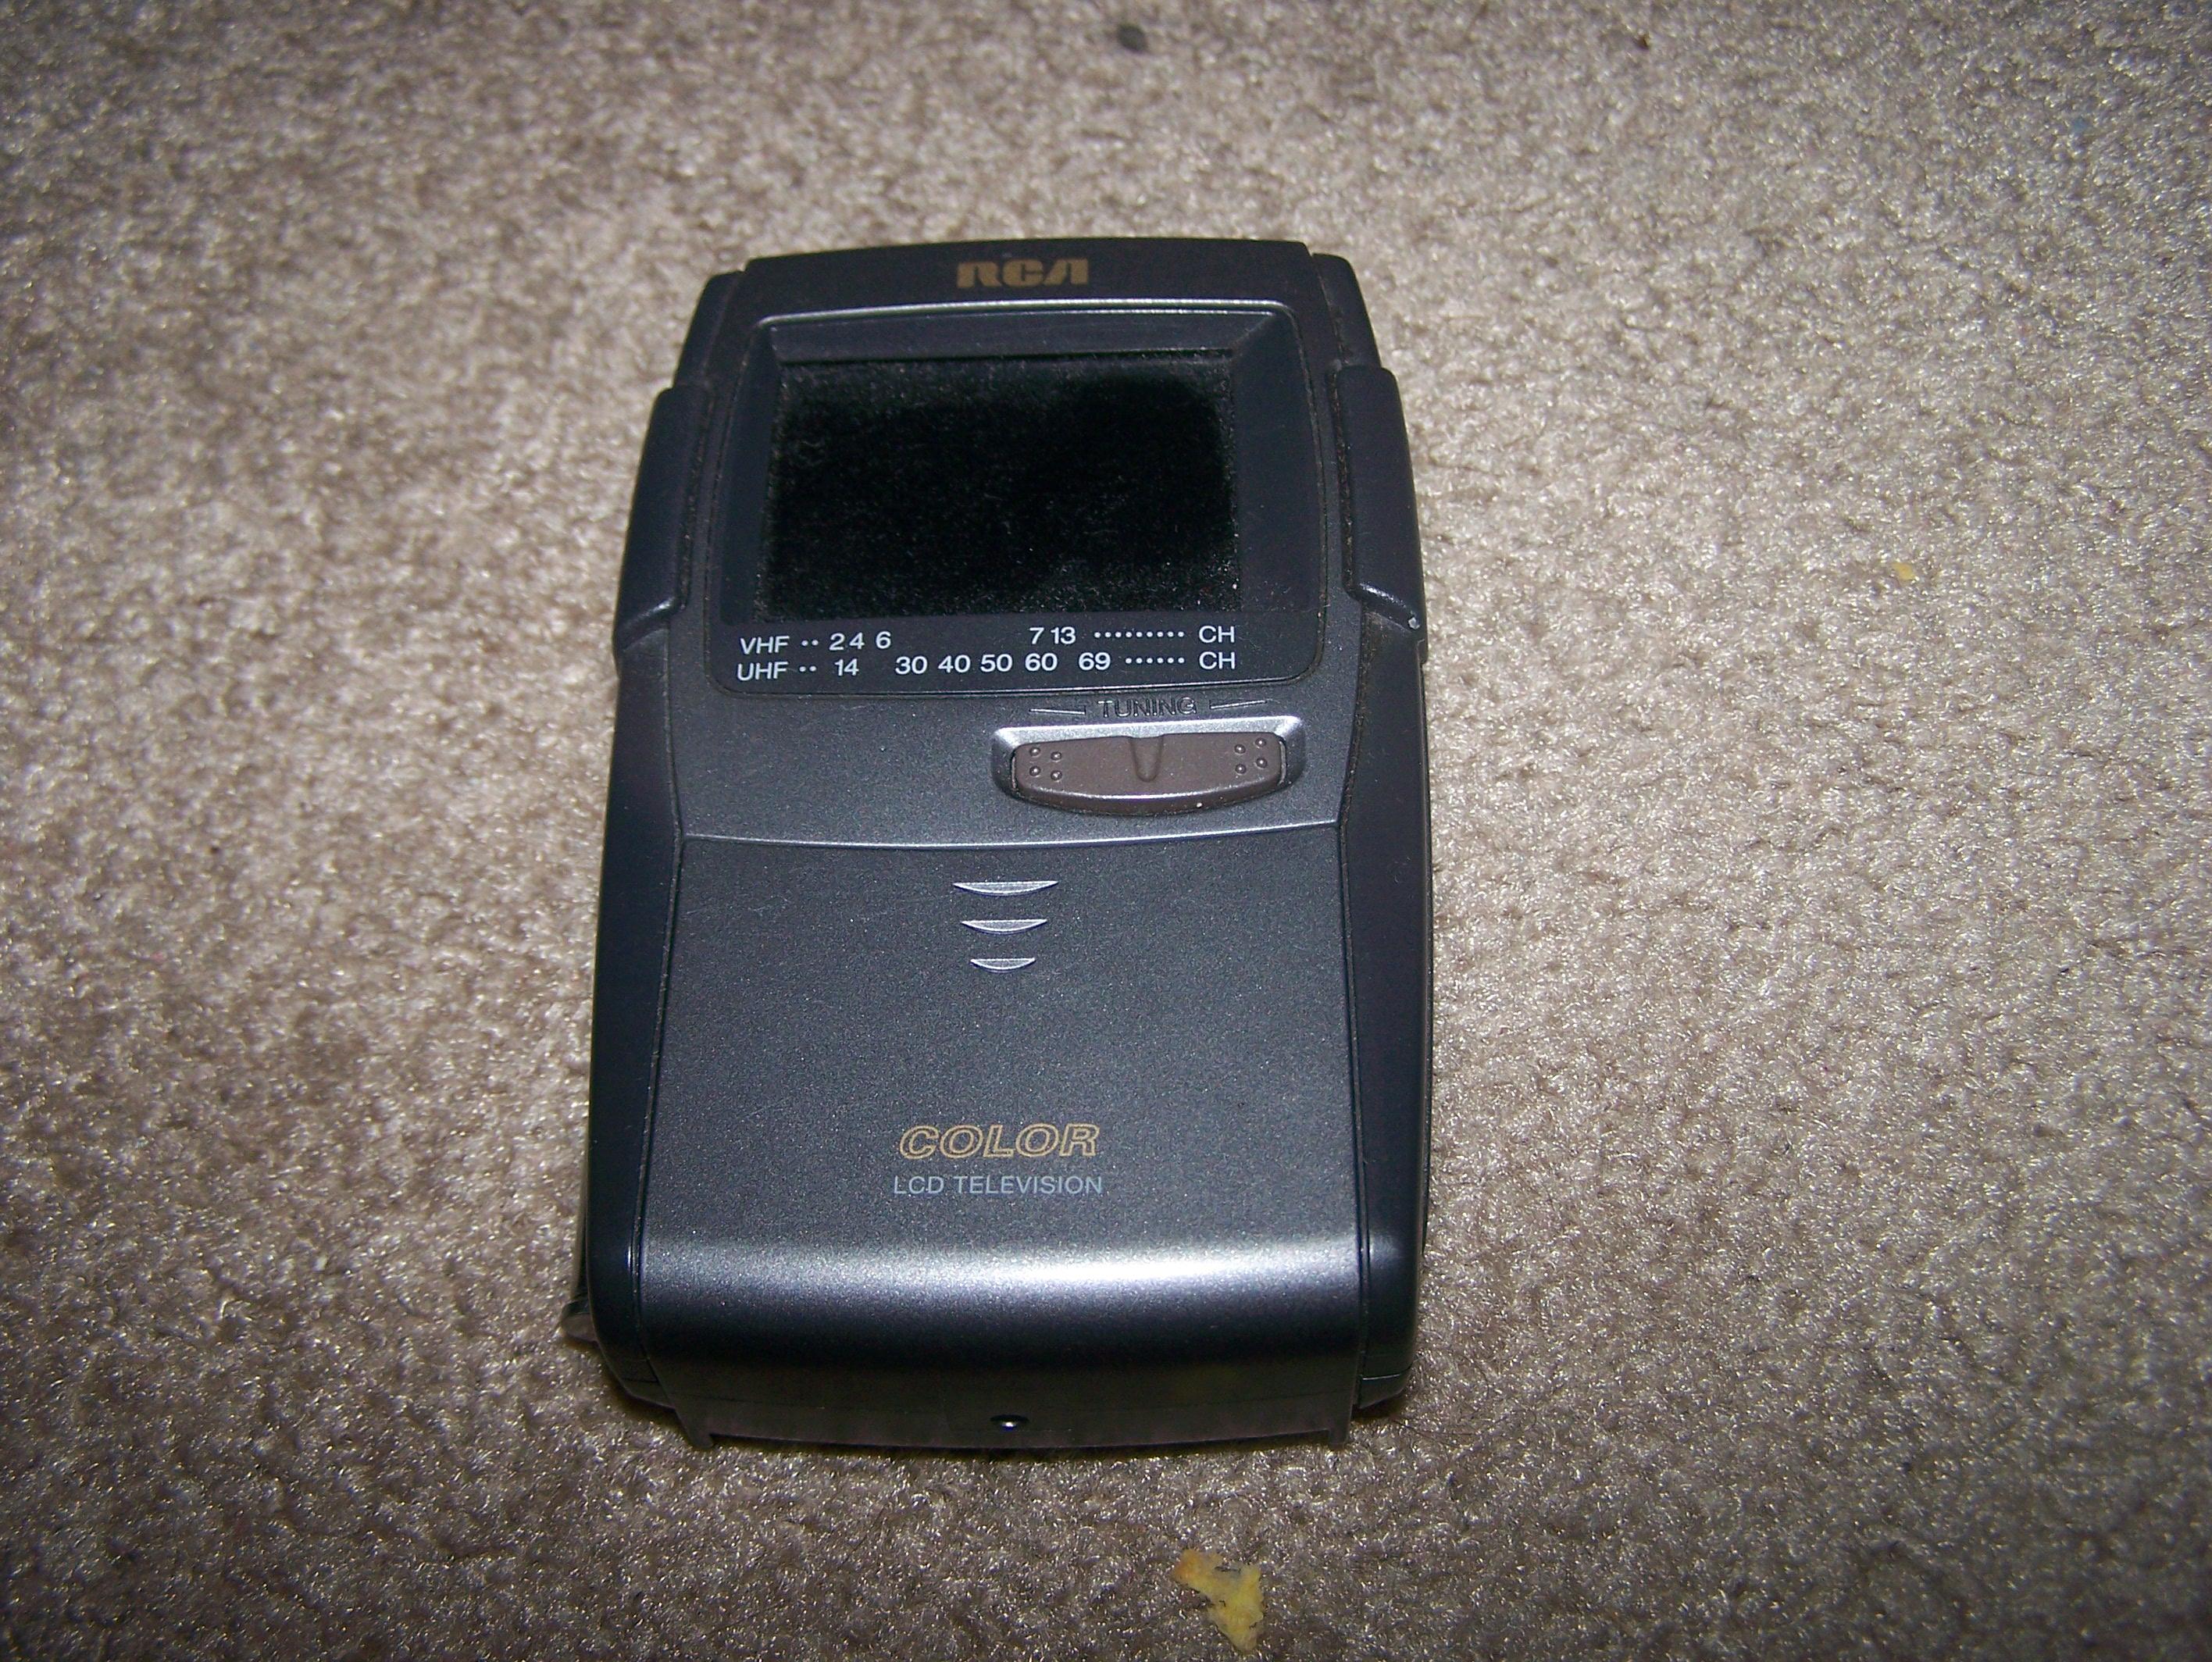 Pocket TV